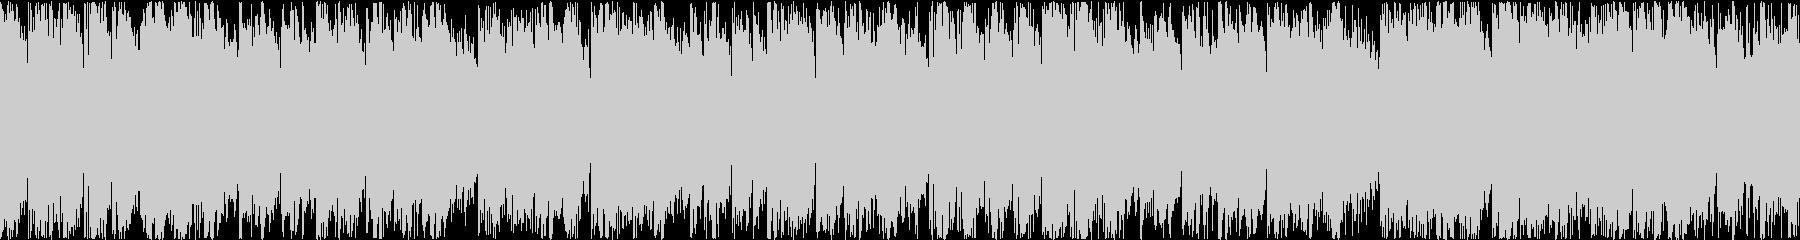 アップテンポなエレクトロポップ(ループ)の未再生の波形